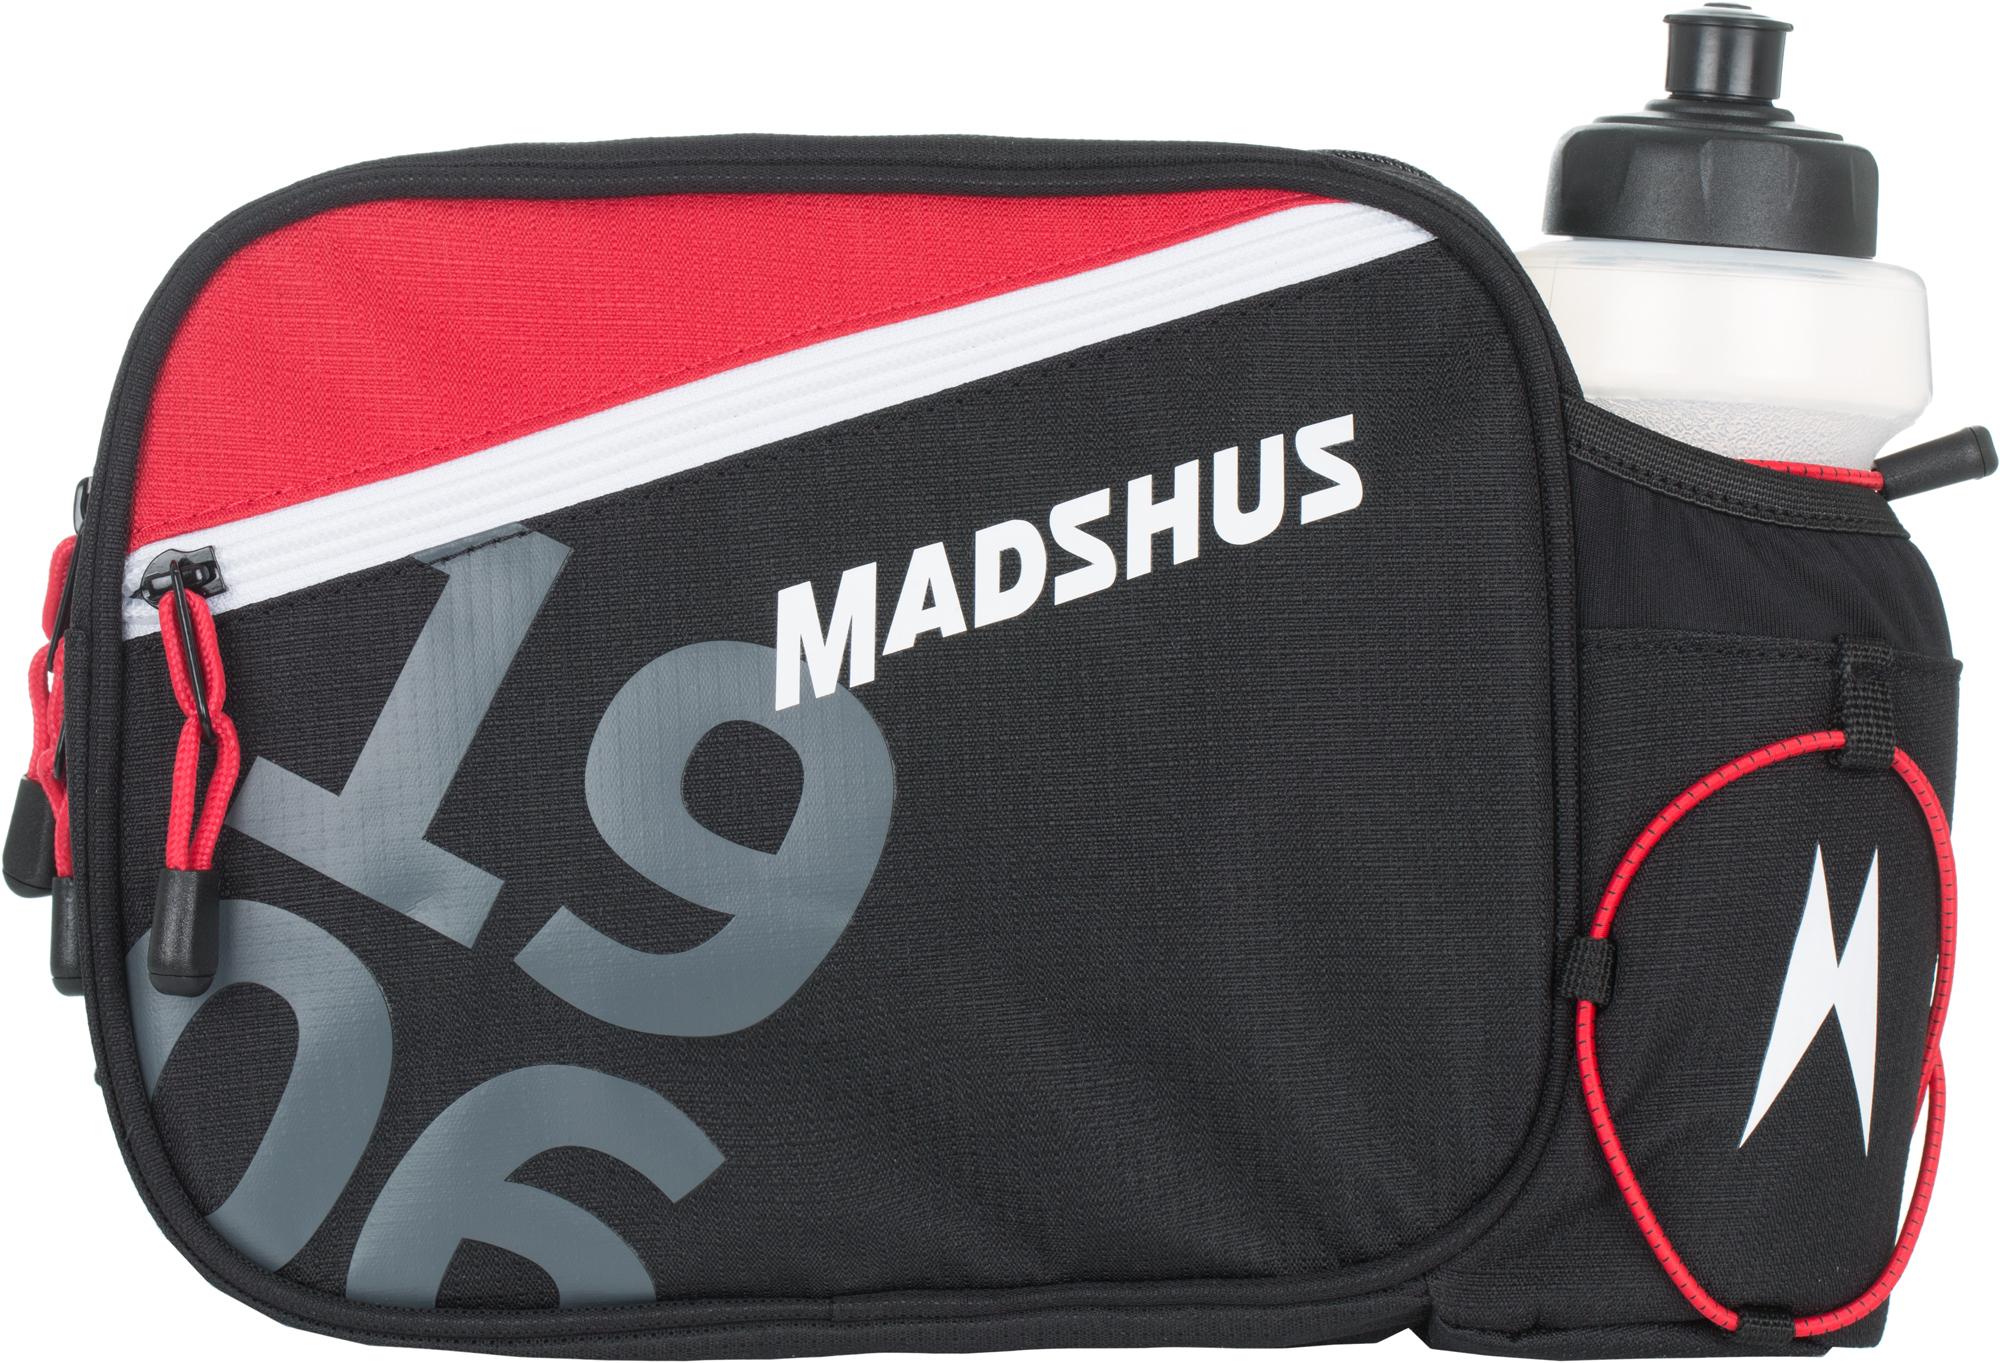 Madshus Сумка на пояс Madshus сумка пояс для инструментов